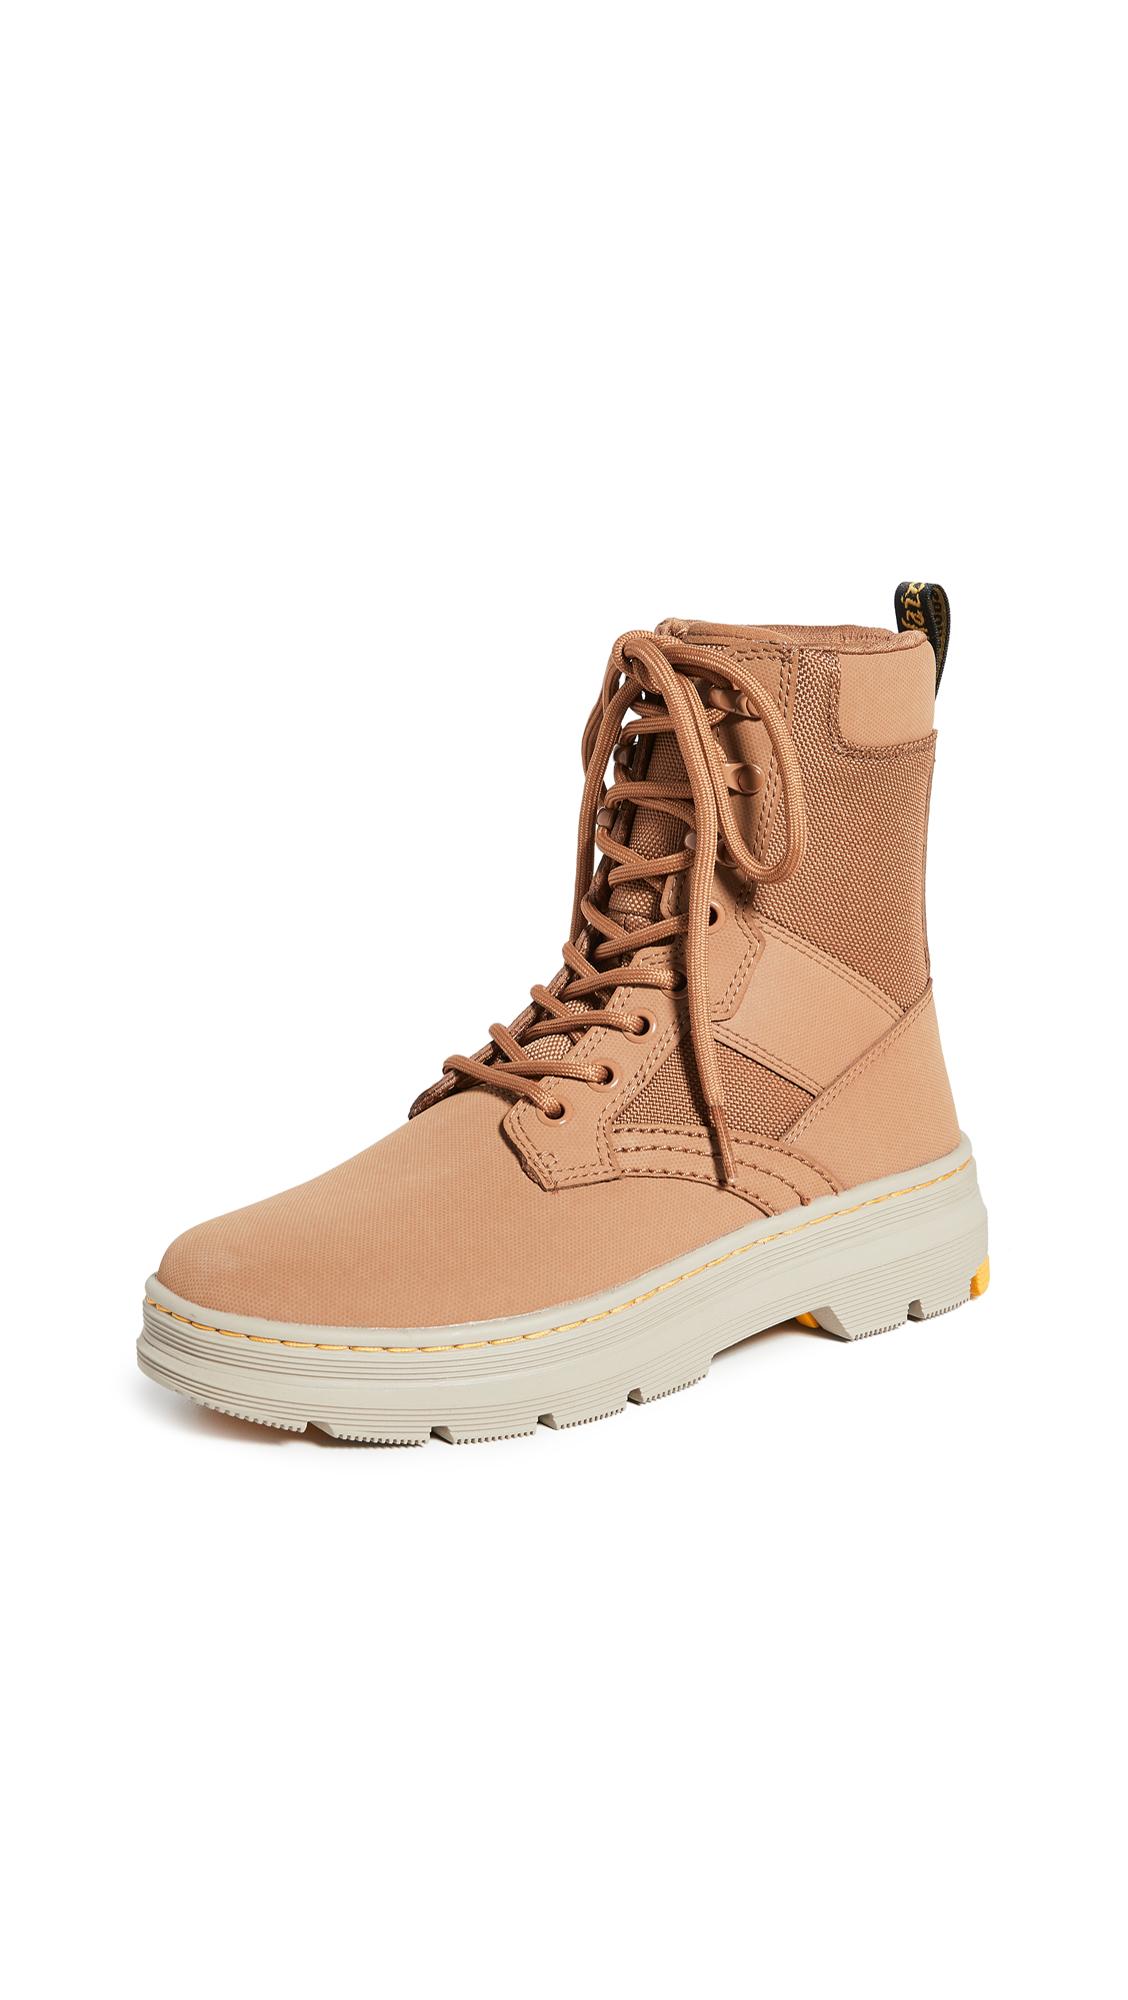 Buy Dr. Martens Iowa 8 Tie Boots online, shop Dr. Martens